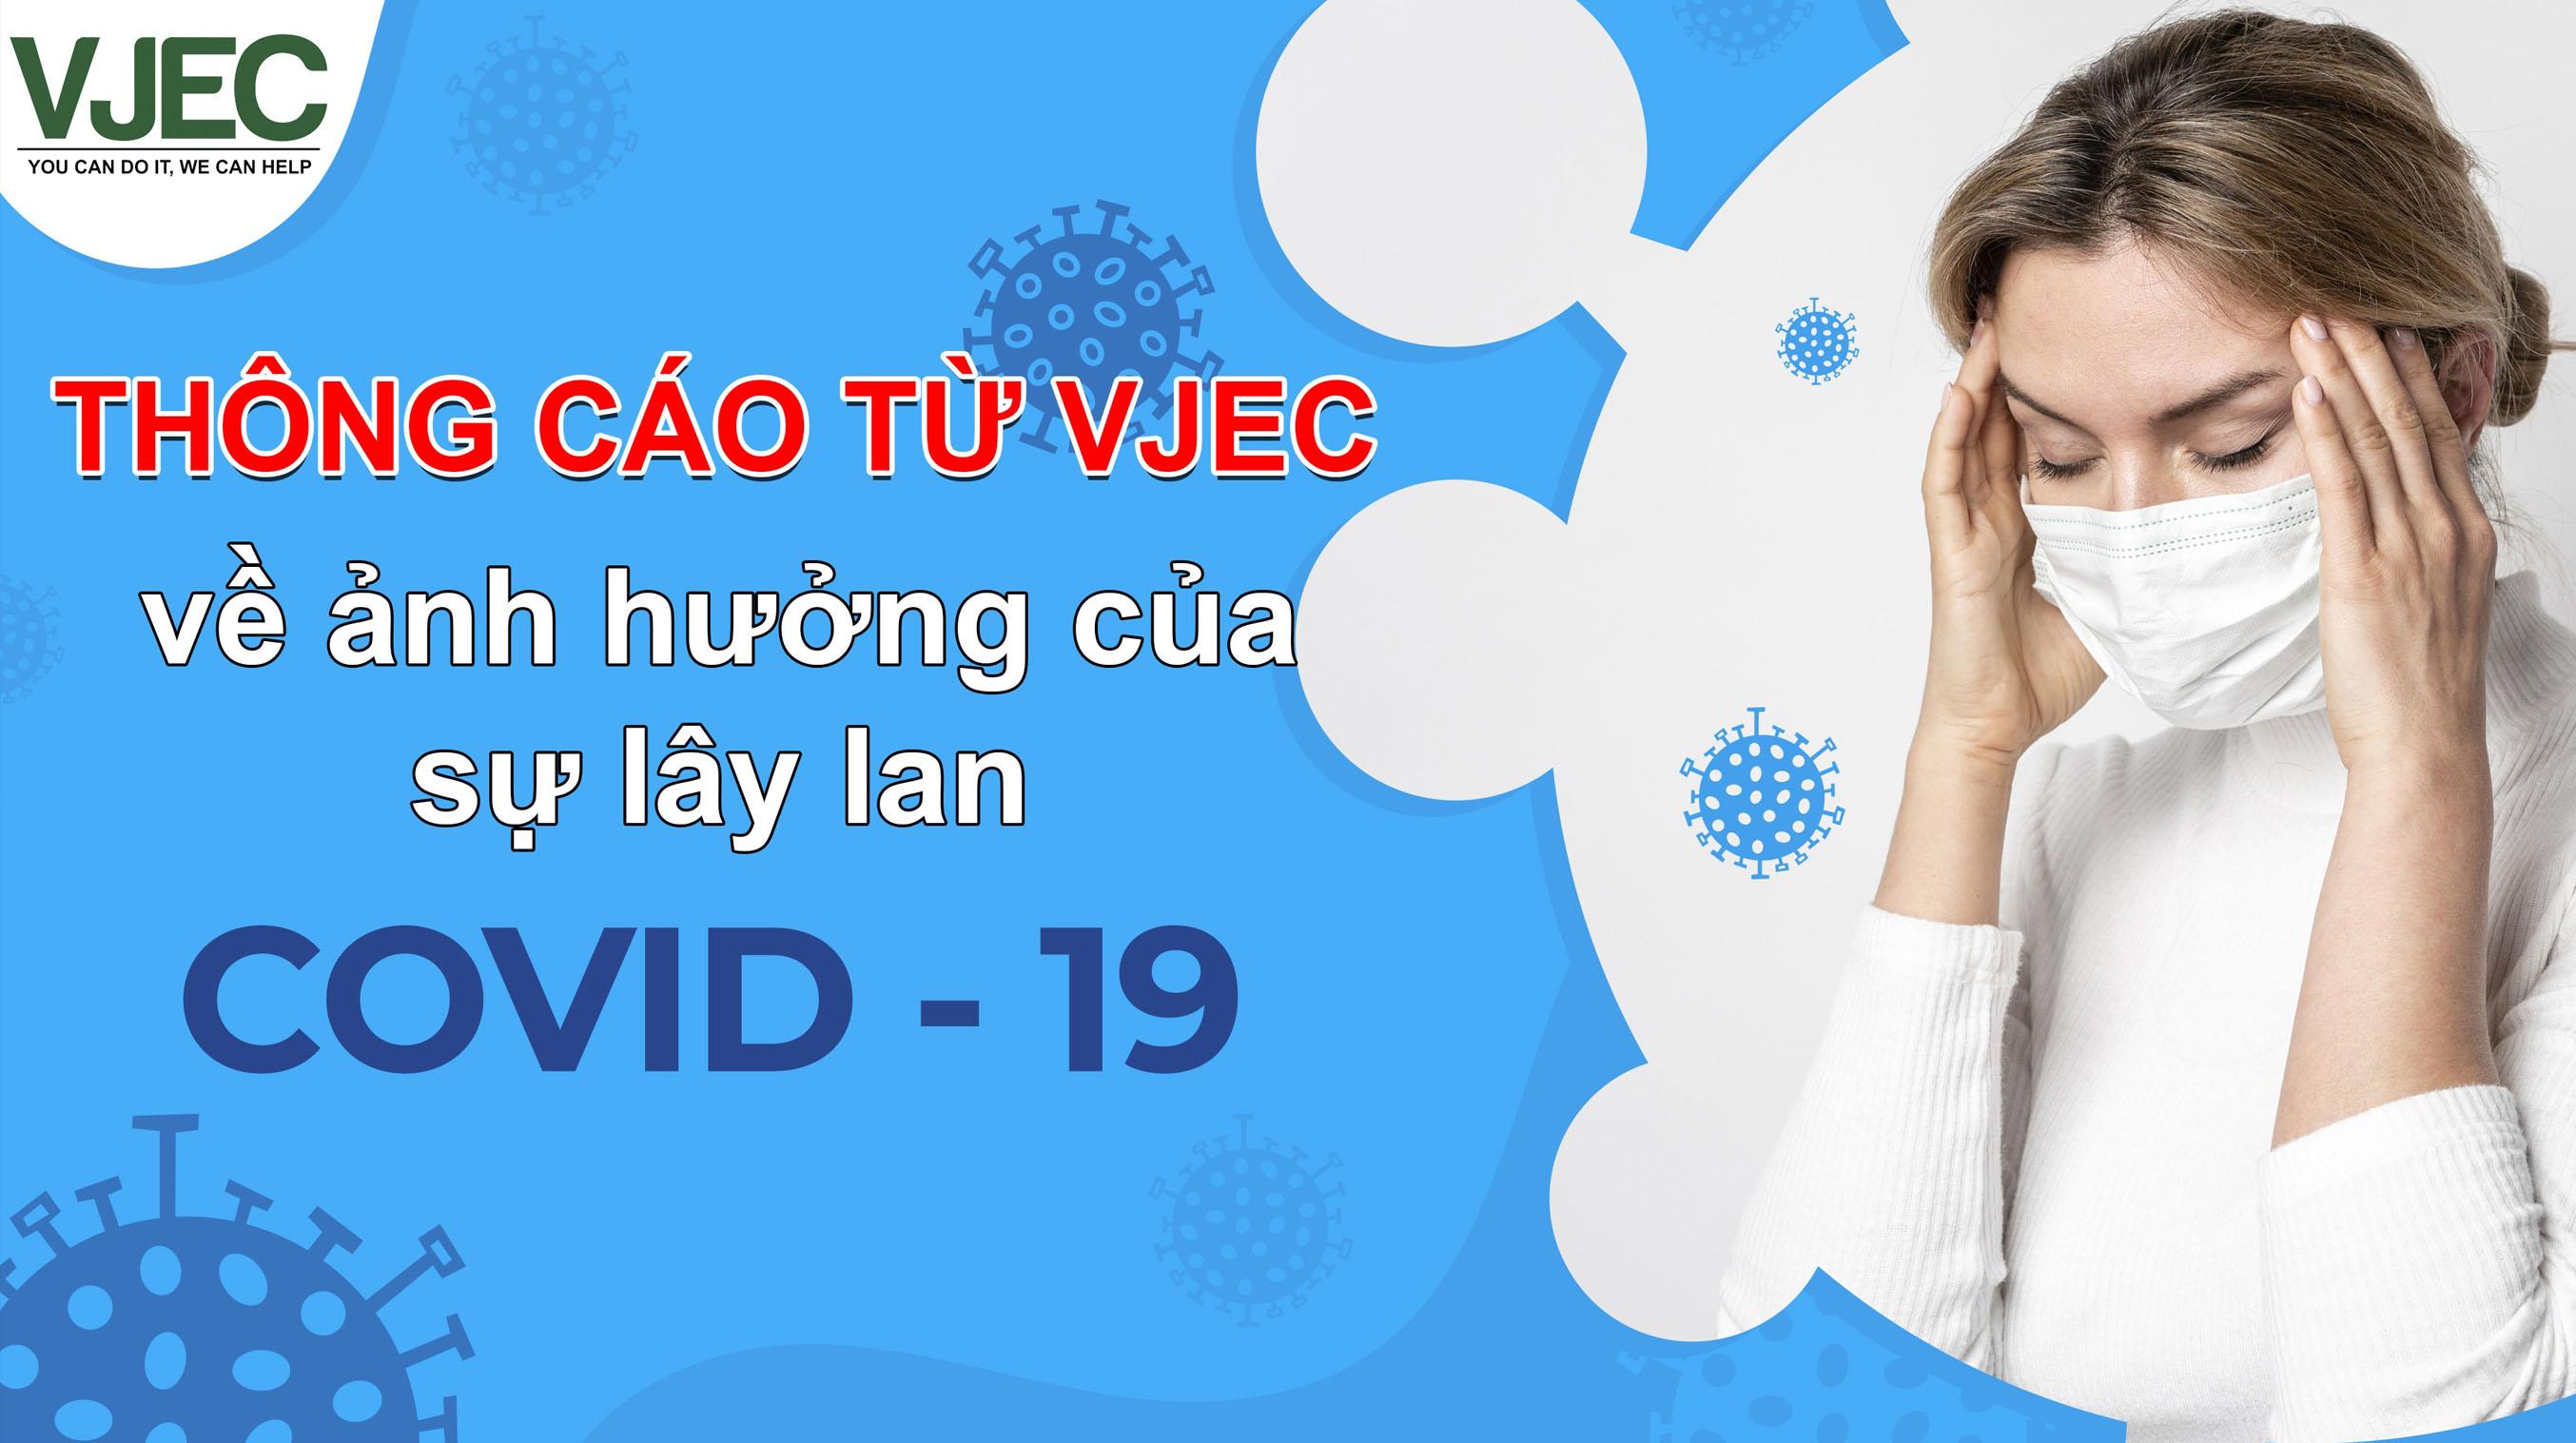 Thông cáo từ VJEC covid-19